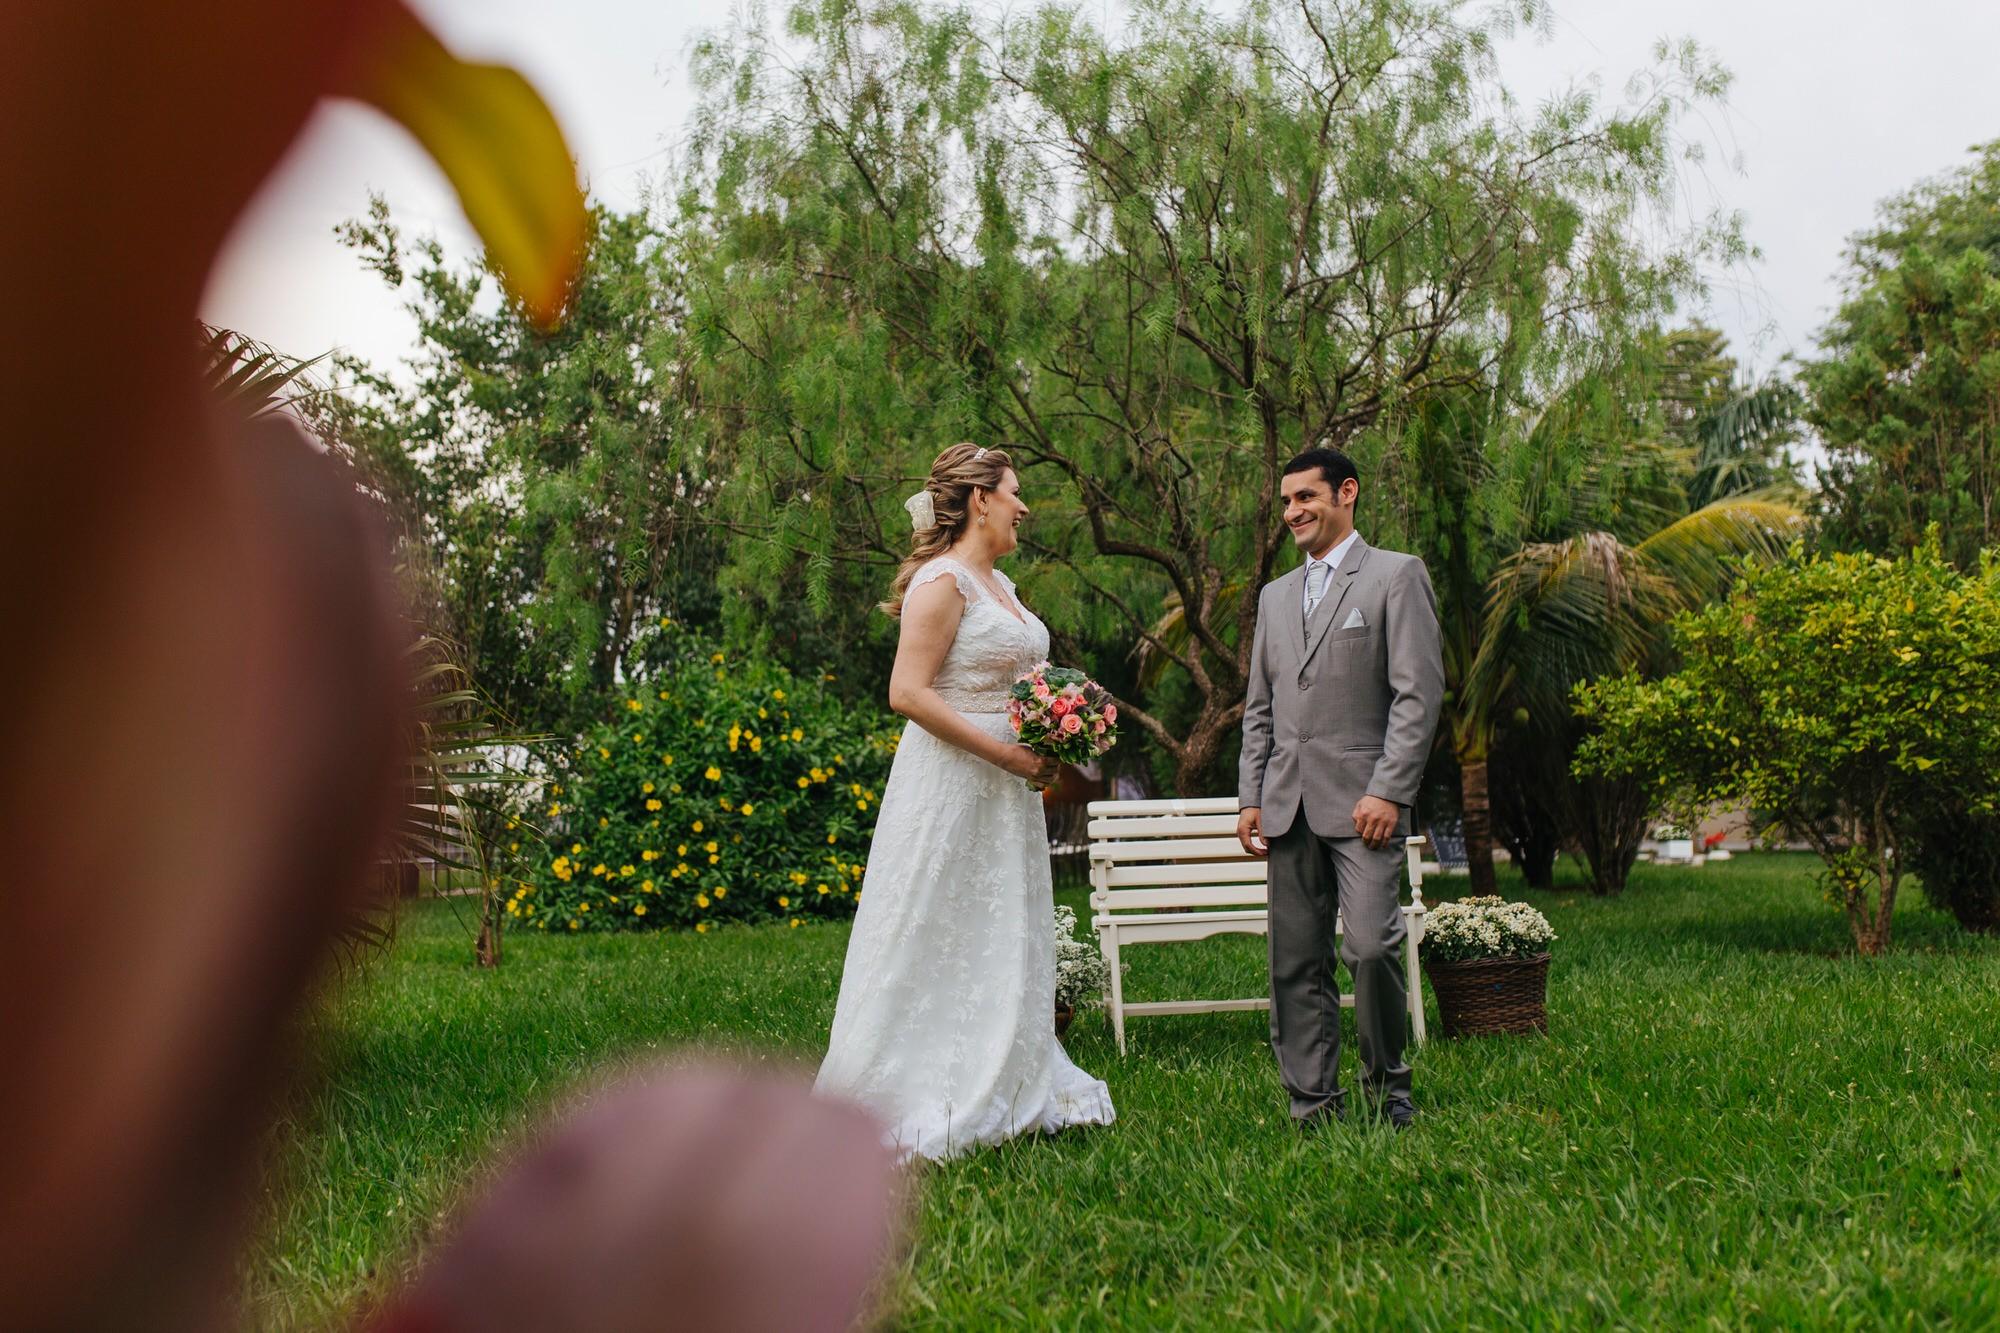 Fabio e Gisele - Casamento em Mundo Novo - MS por Lorran Souza e Léia Sotile - fotografo de casamentos - 00010